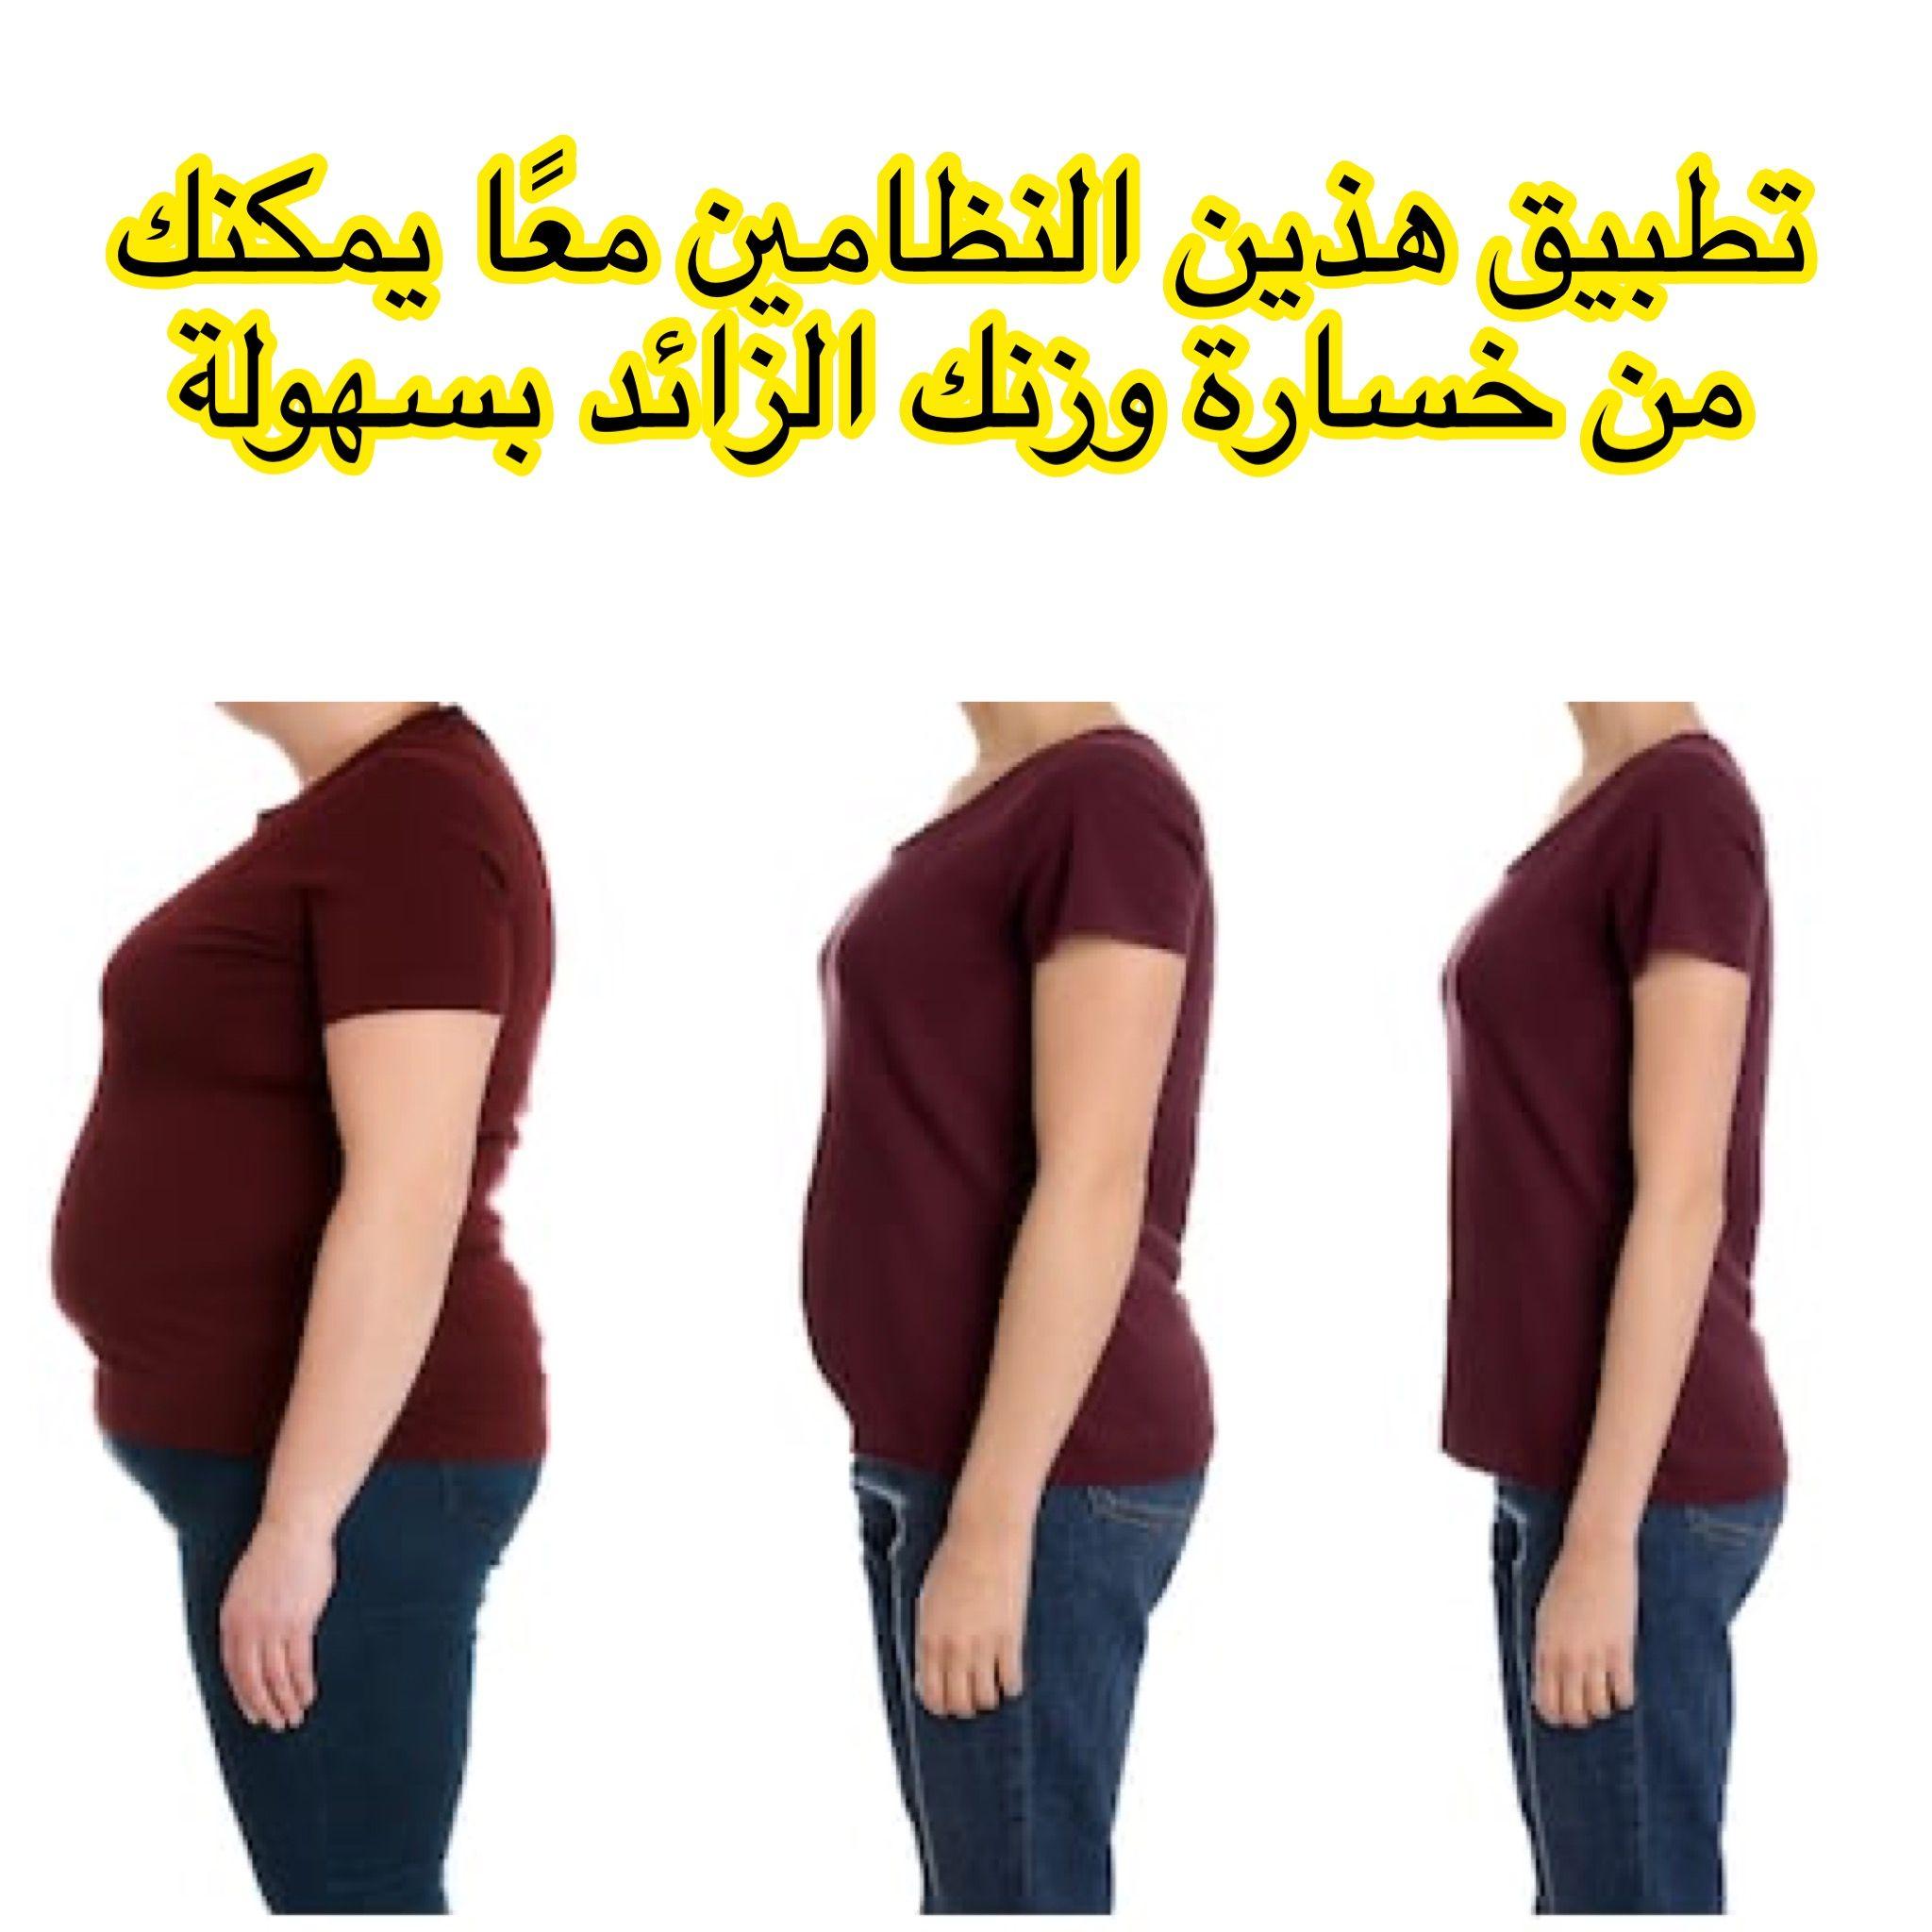 انتهز رمضان لخسارة وزنك الزائد